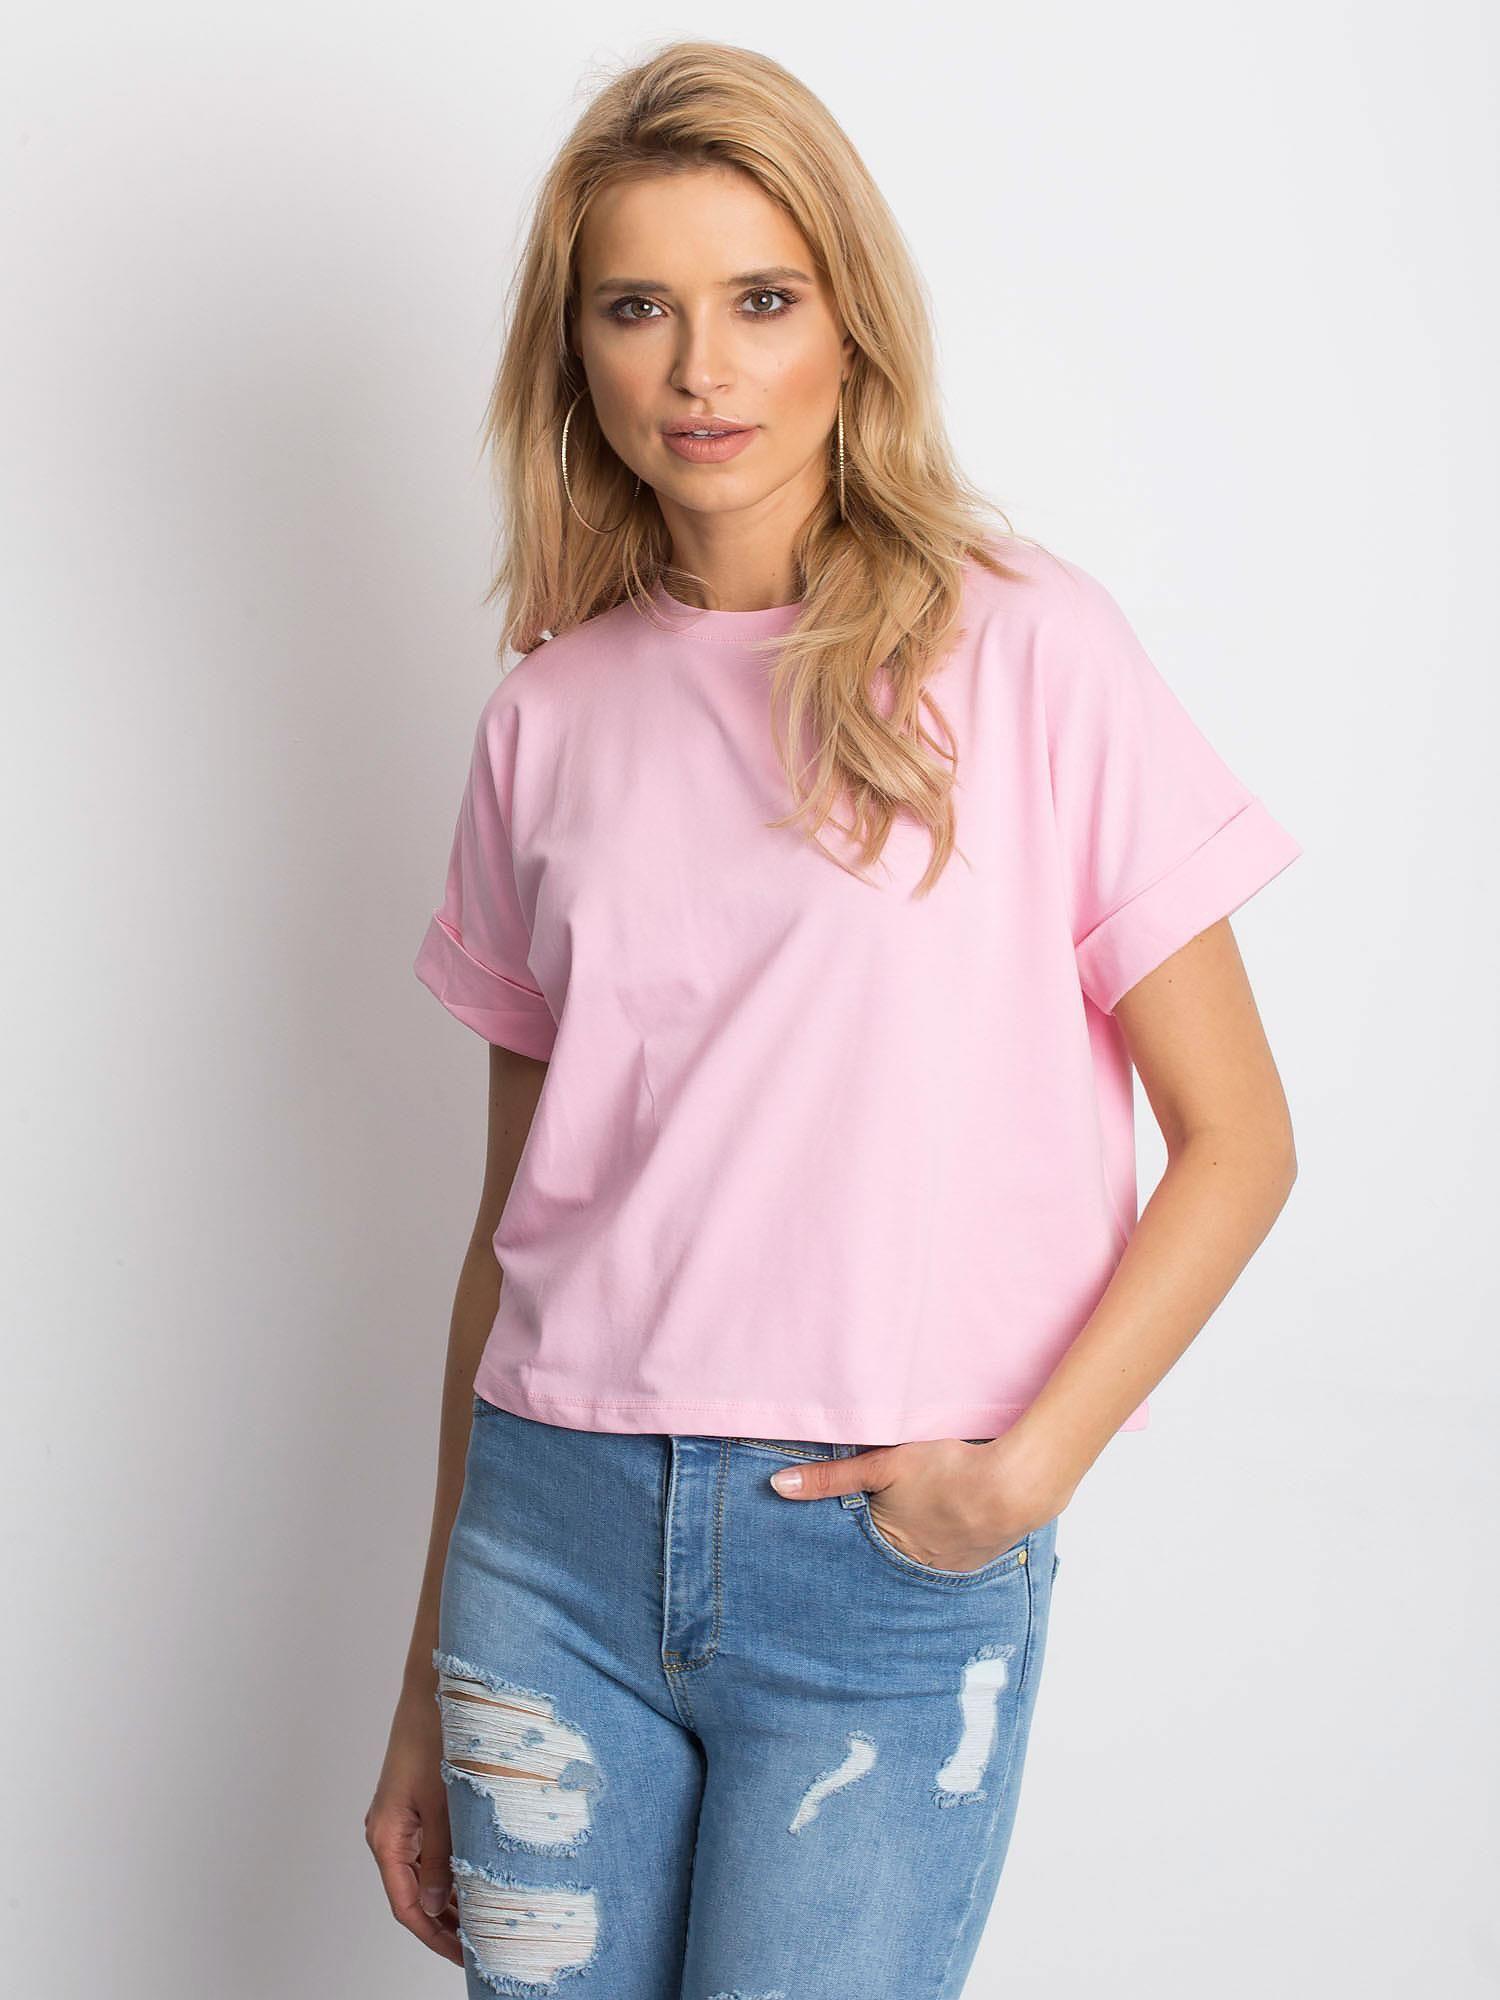 Dámske základné ružové bavlnené tričko L